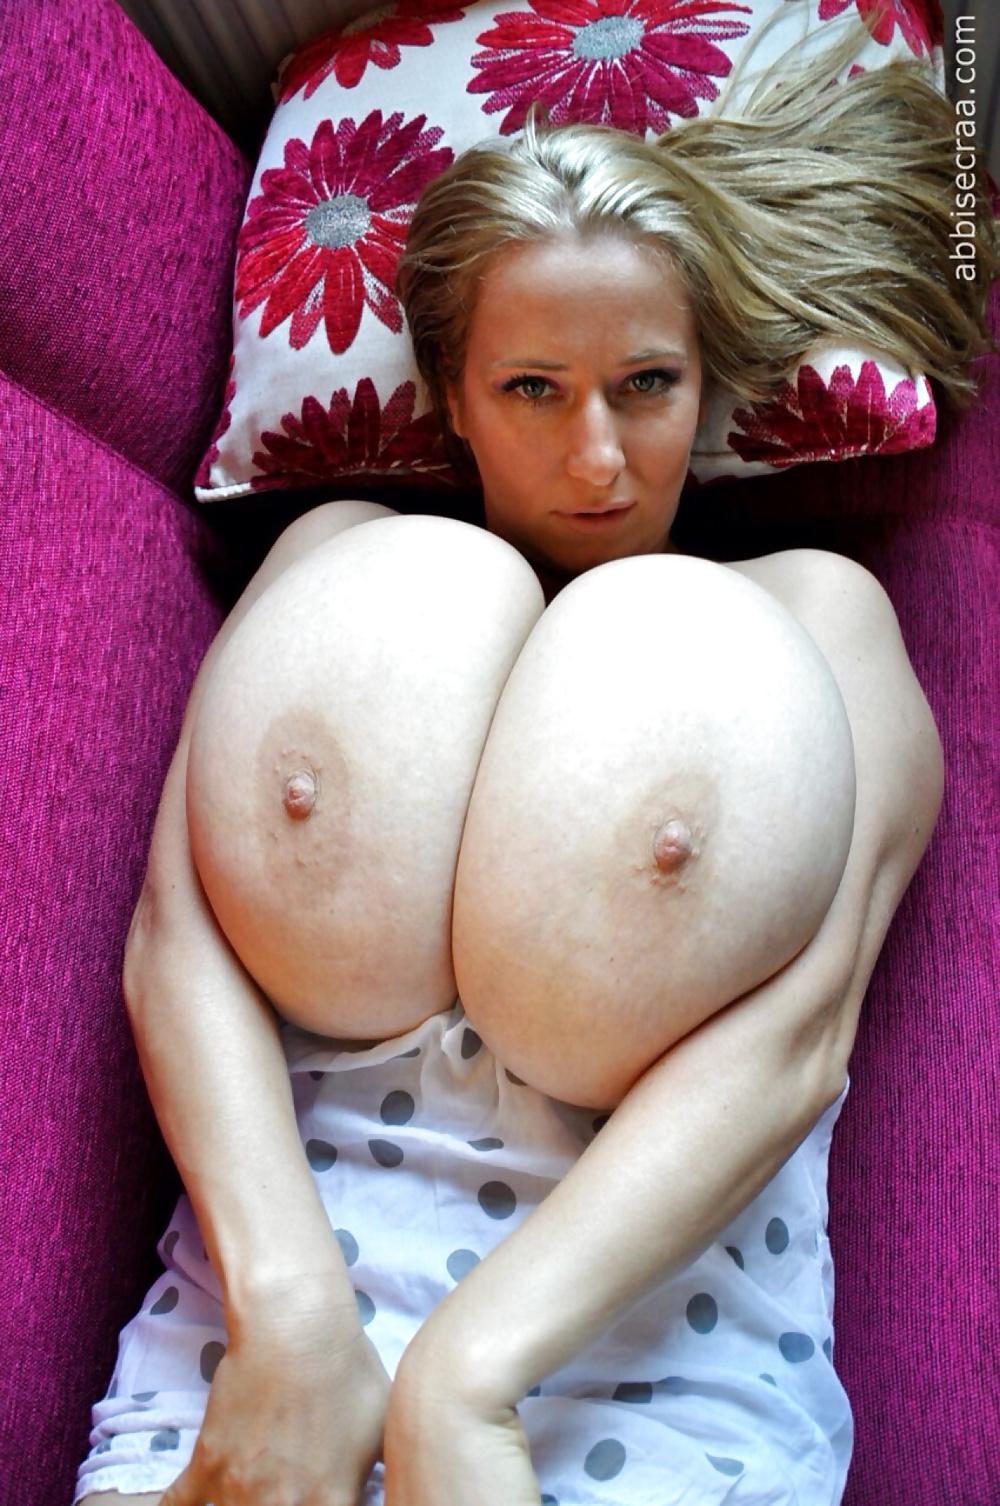 ogromnie-siski-podborka